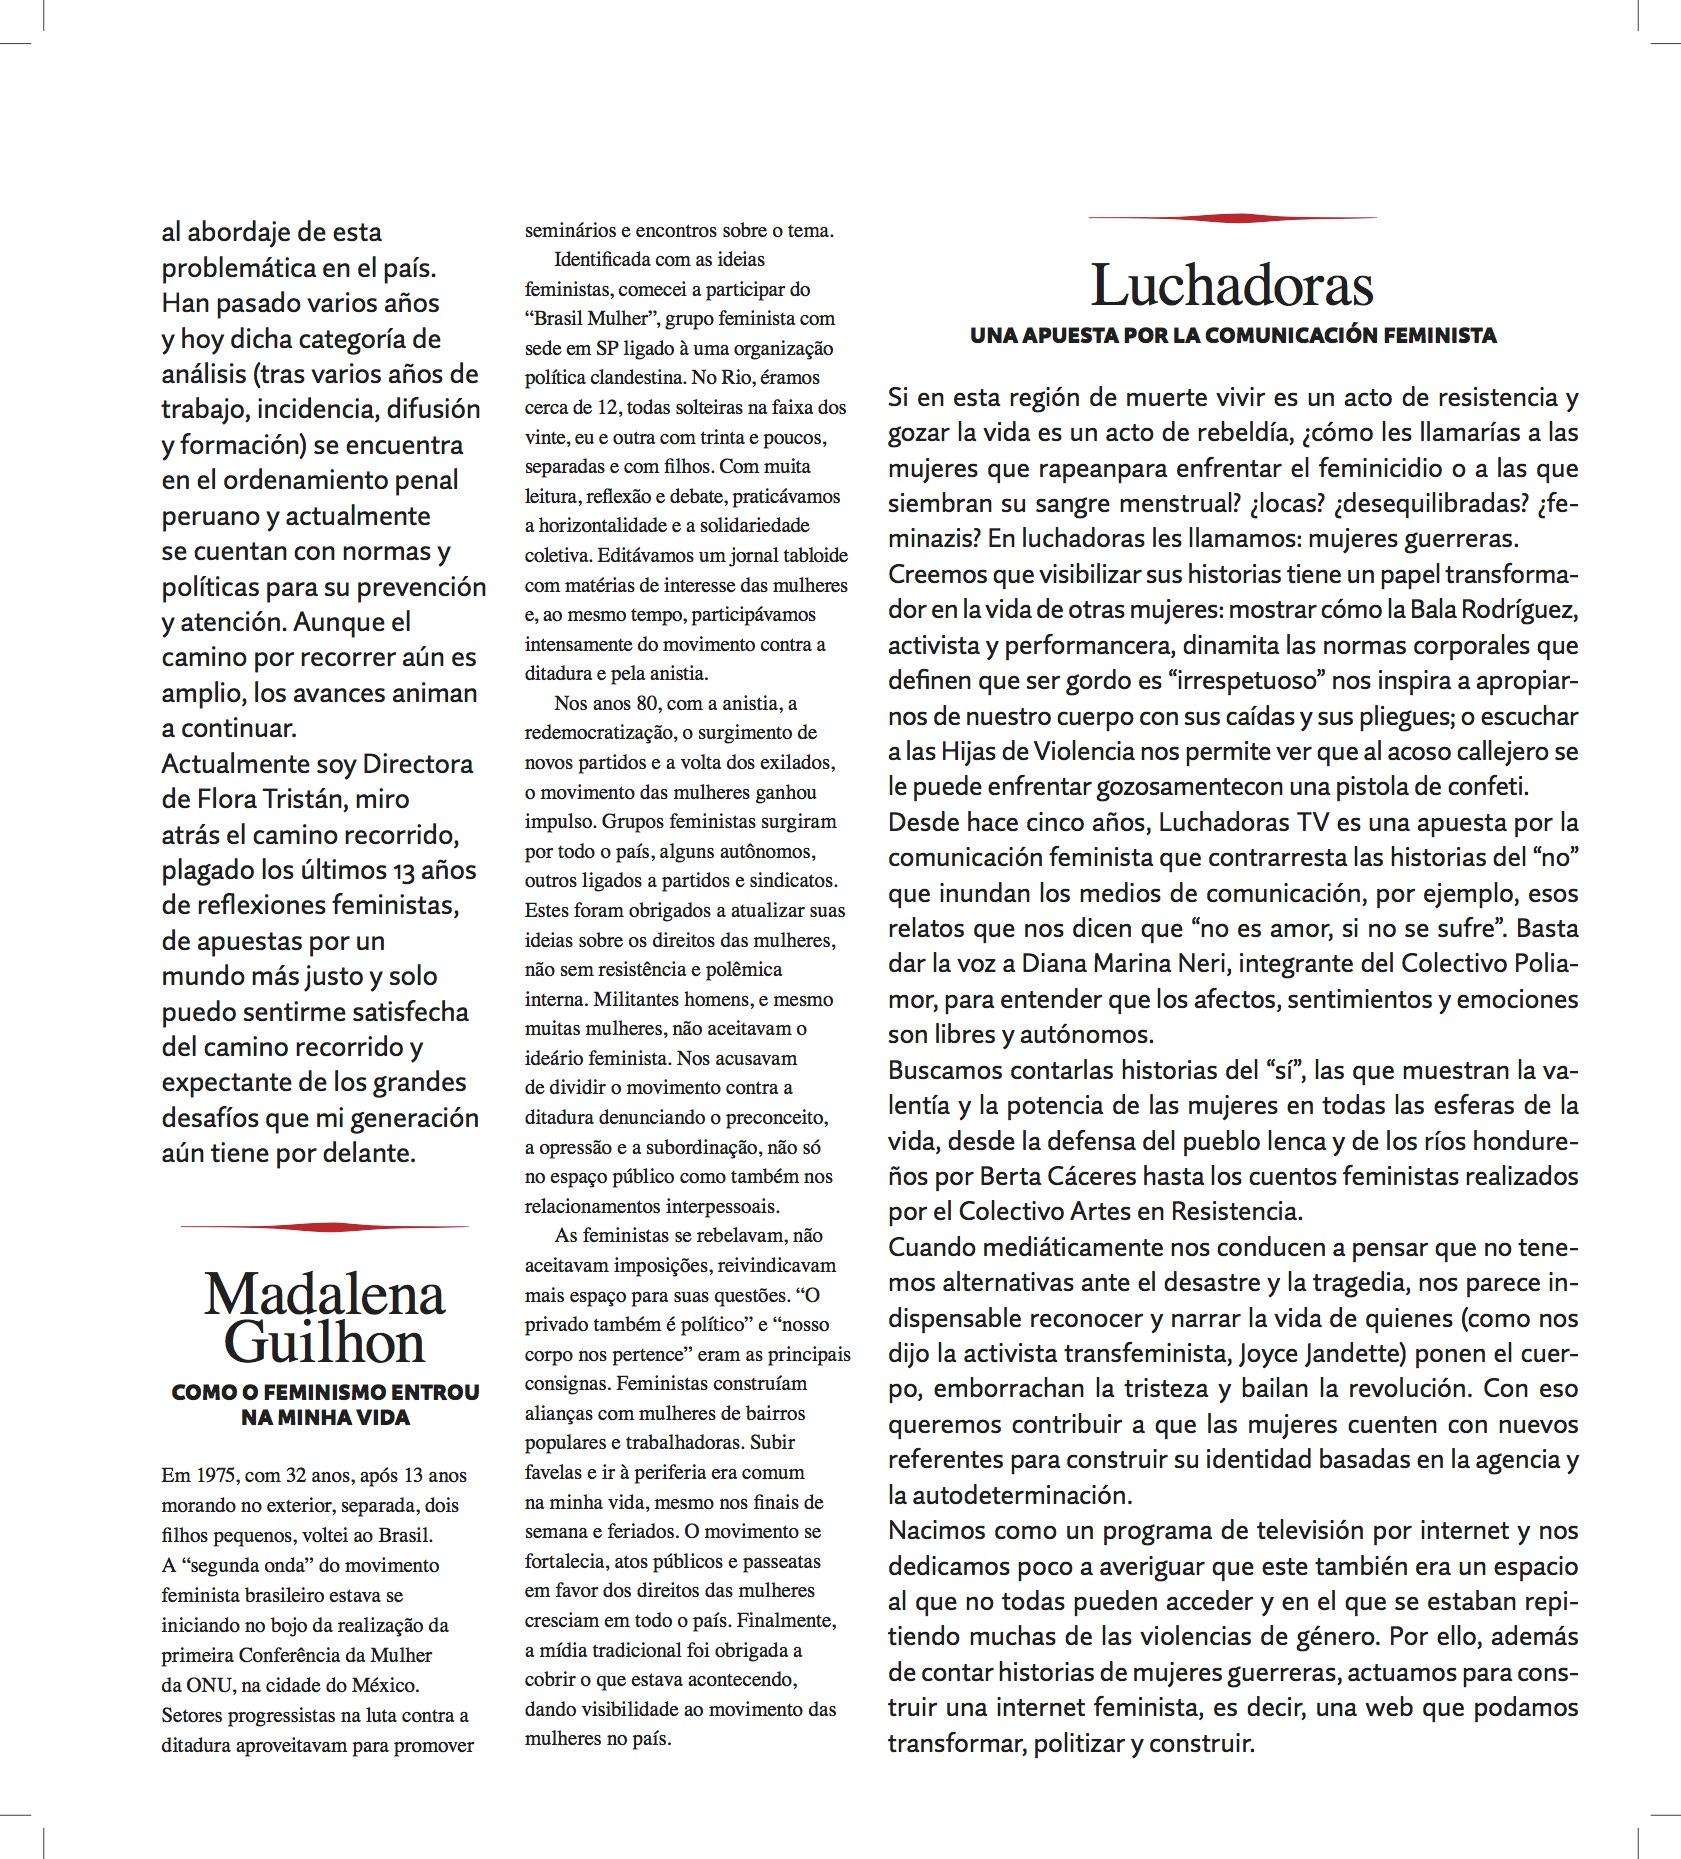 borda 4 ALTA 2017_03_13_5